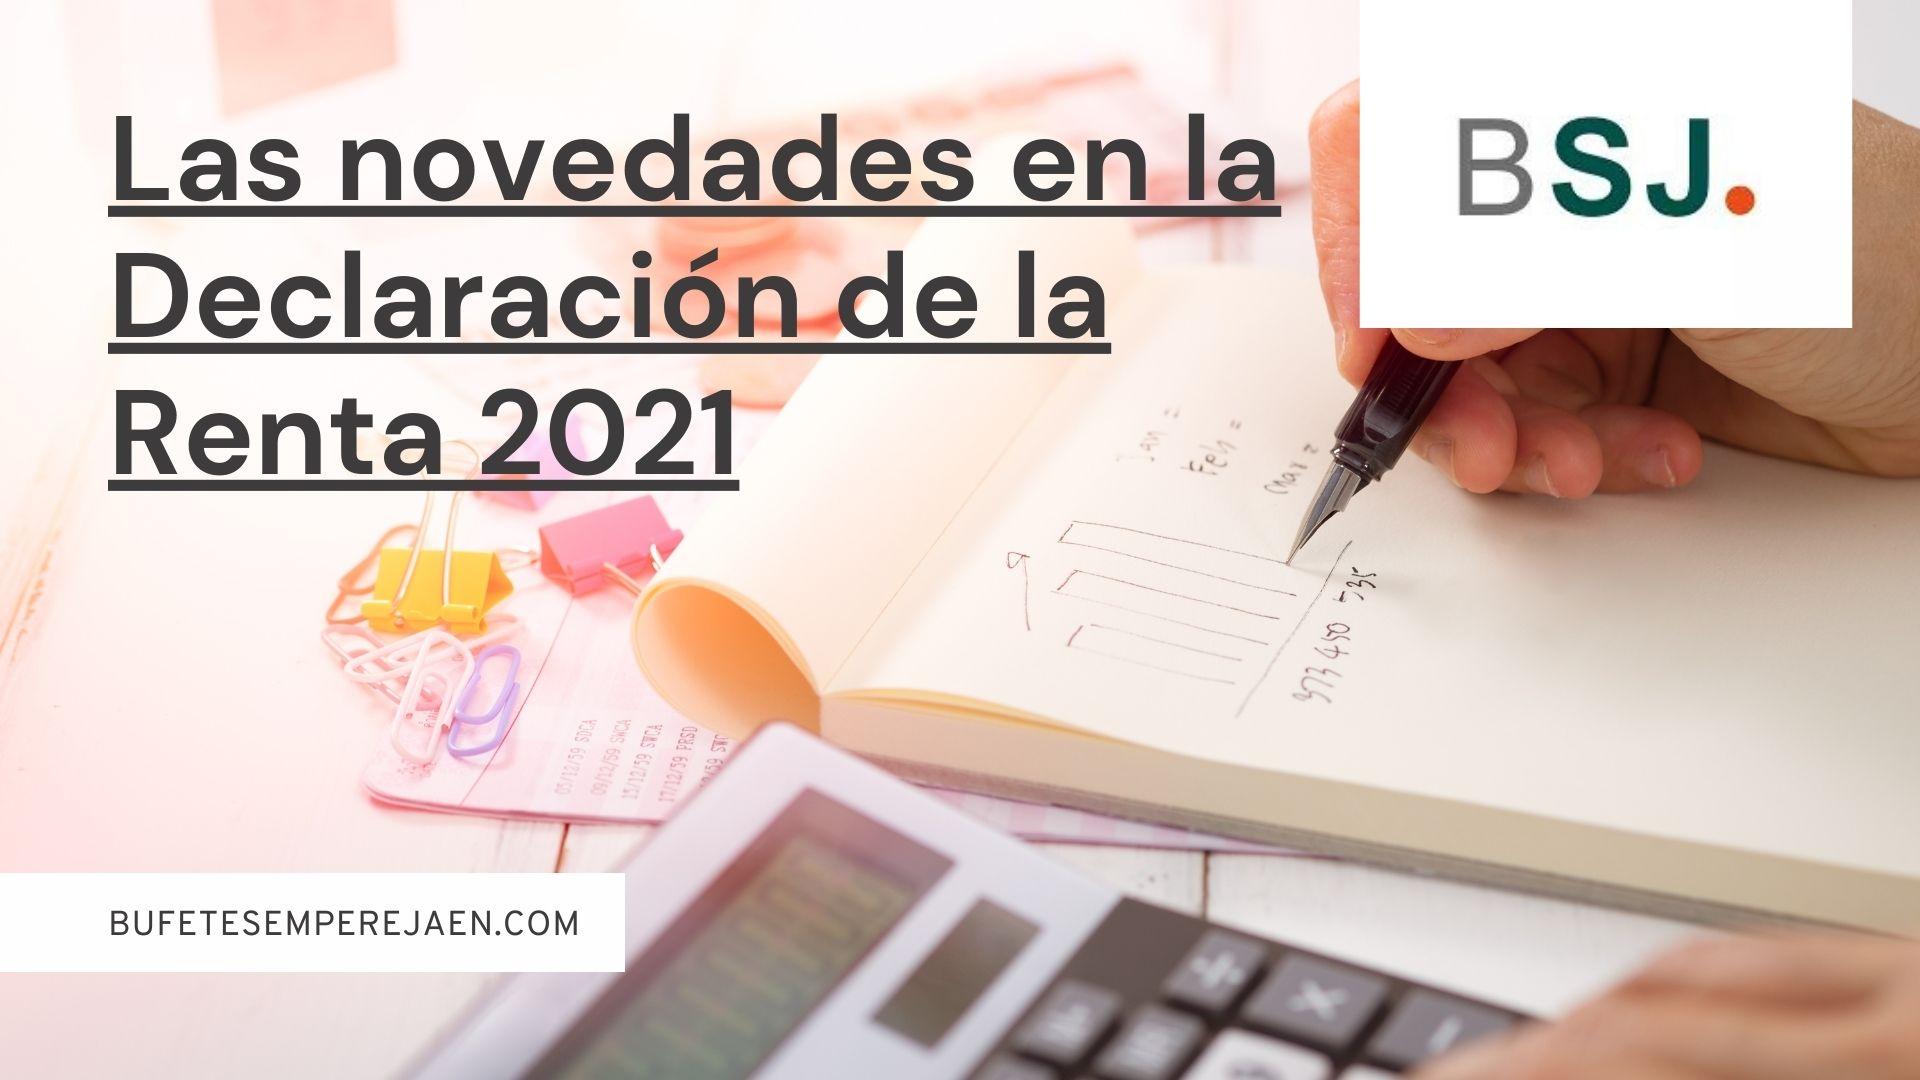 Bufete Sempere Jaén te explica las novedades en la declaración de la renta 2021